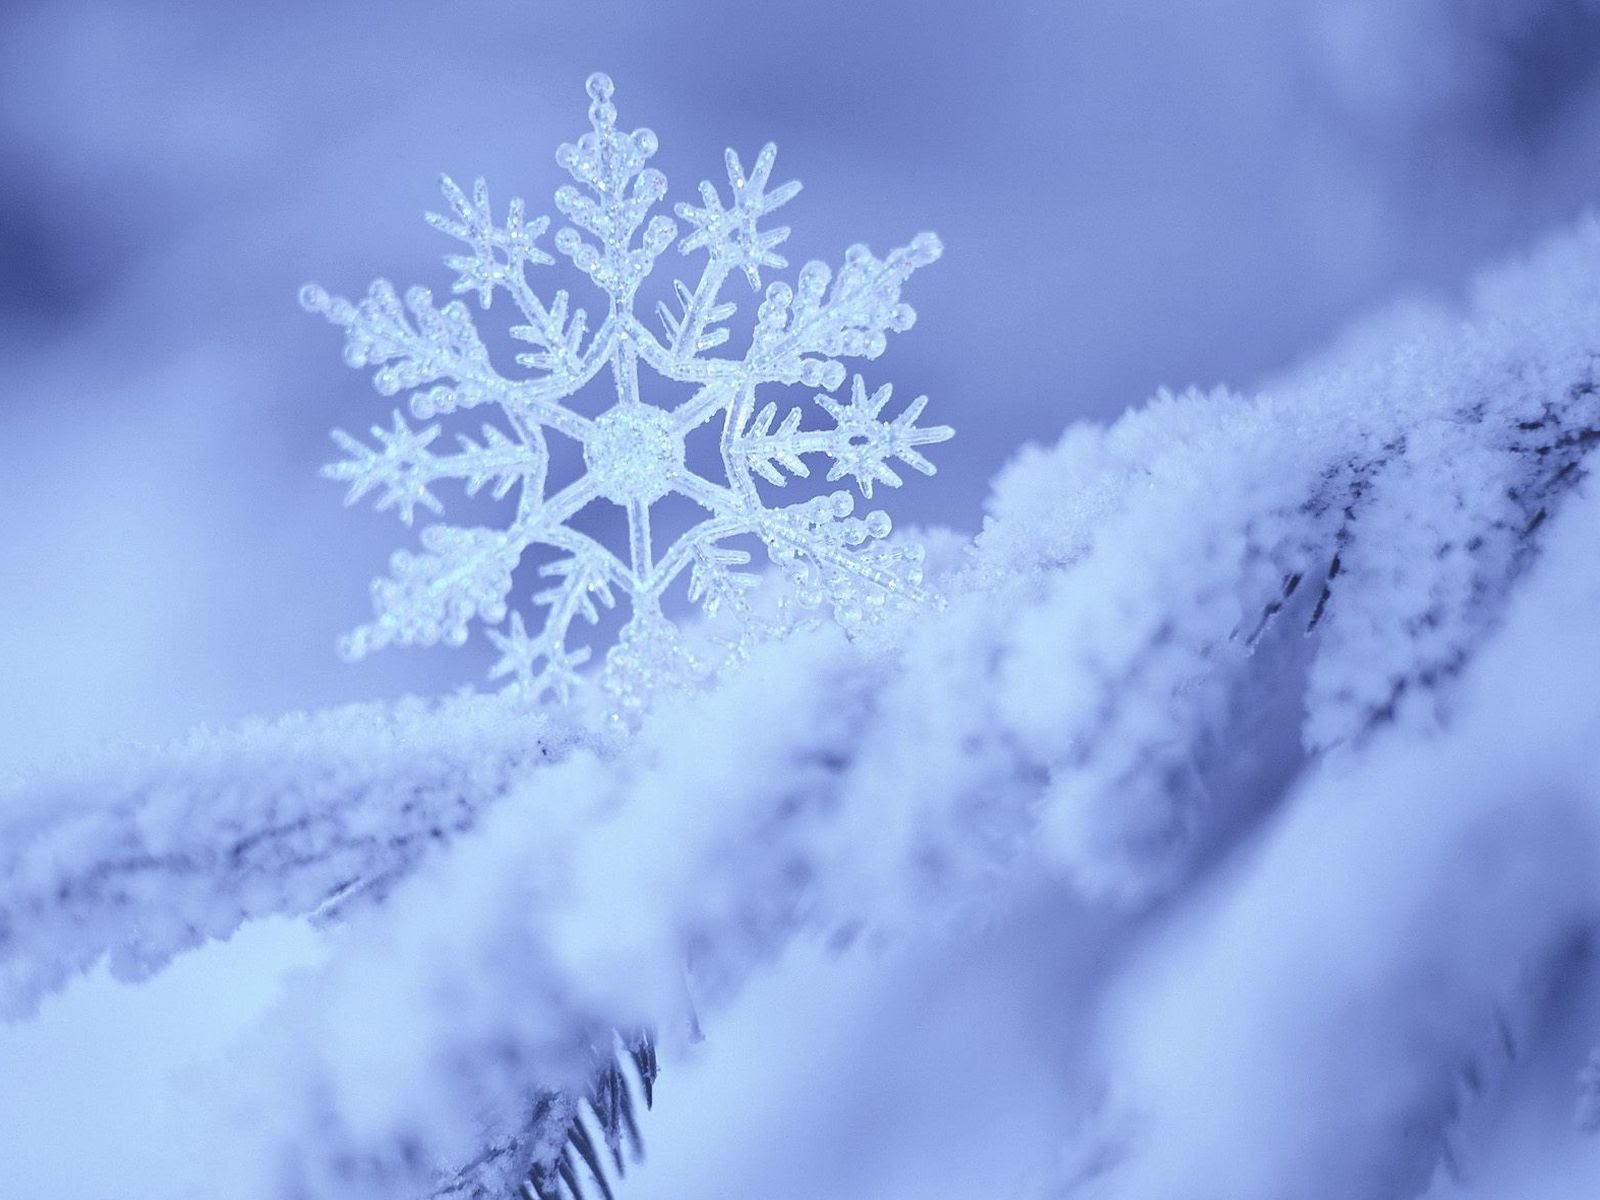 Зима повертається в Україну: вдарять морози і засніжить